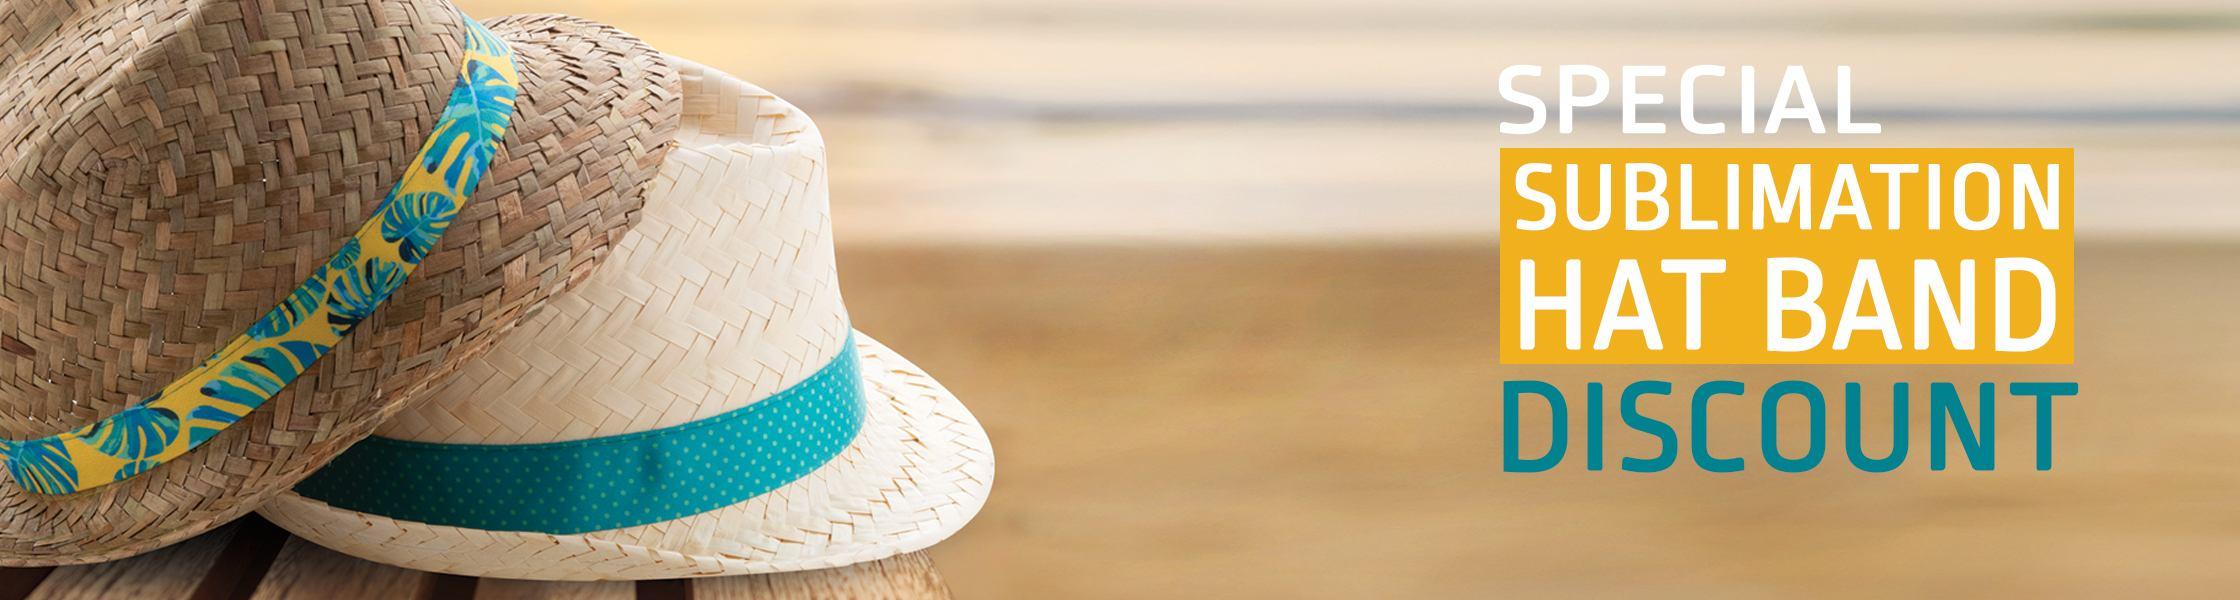 Élvezd a napsütést és védd meg magad! - Coupon code: SUBRERO20